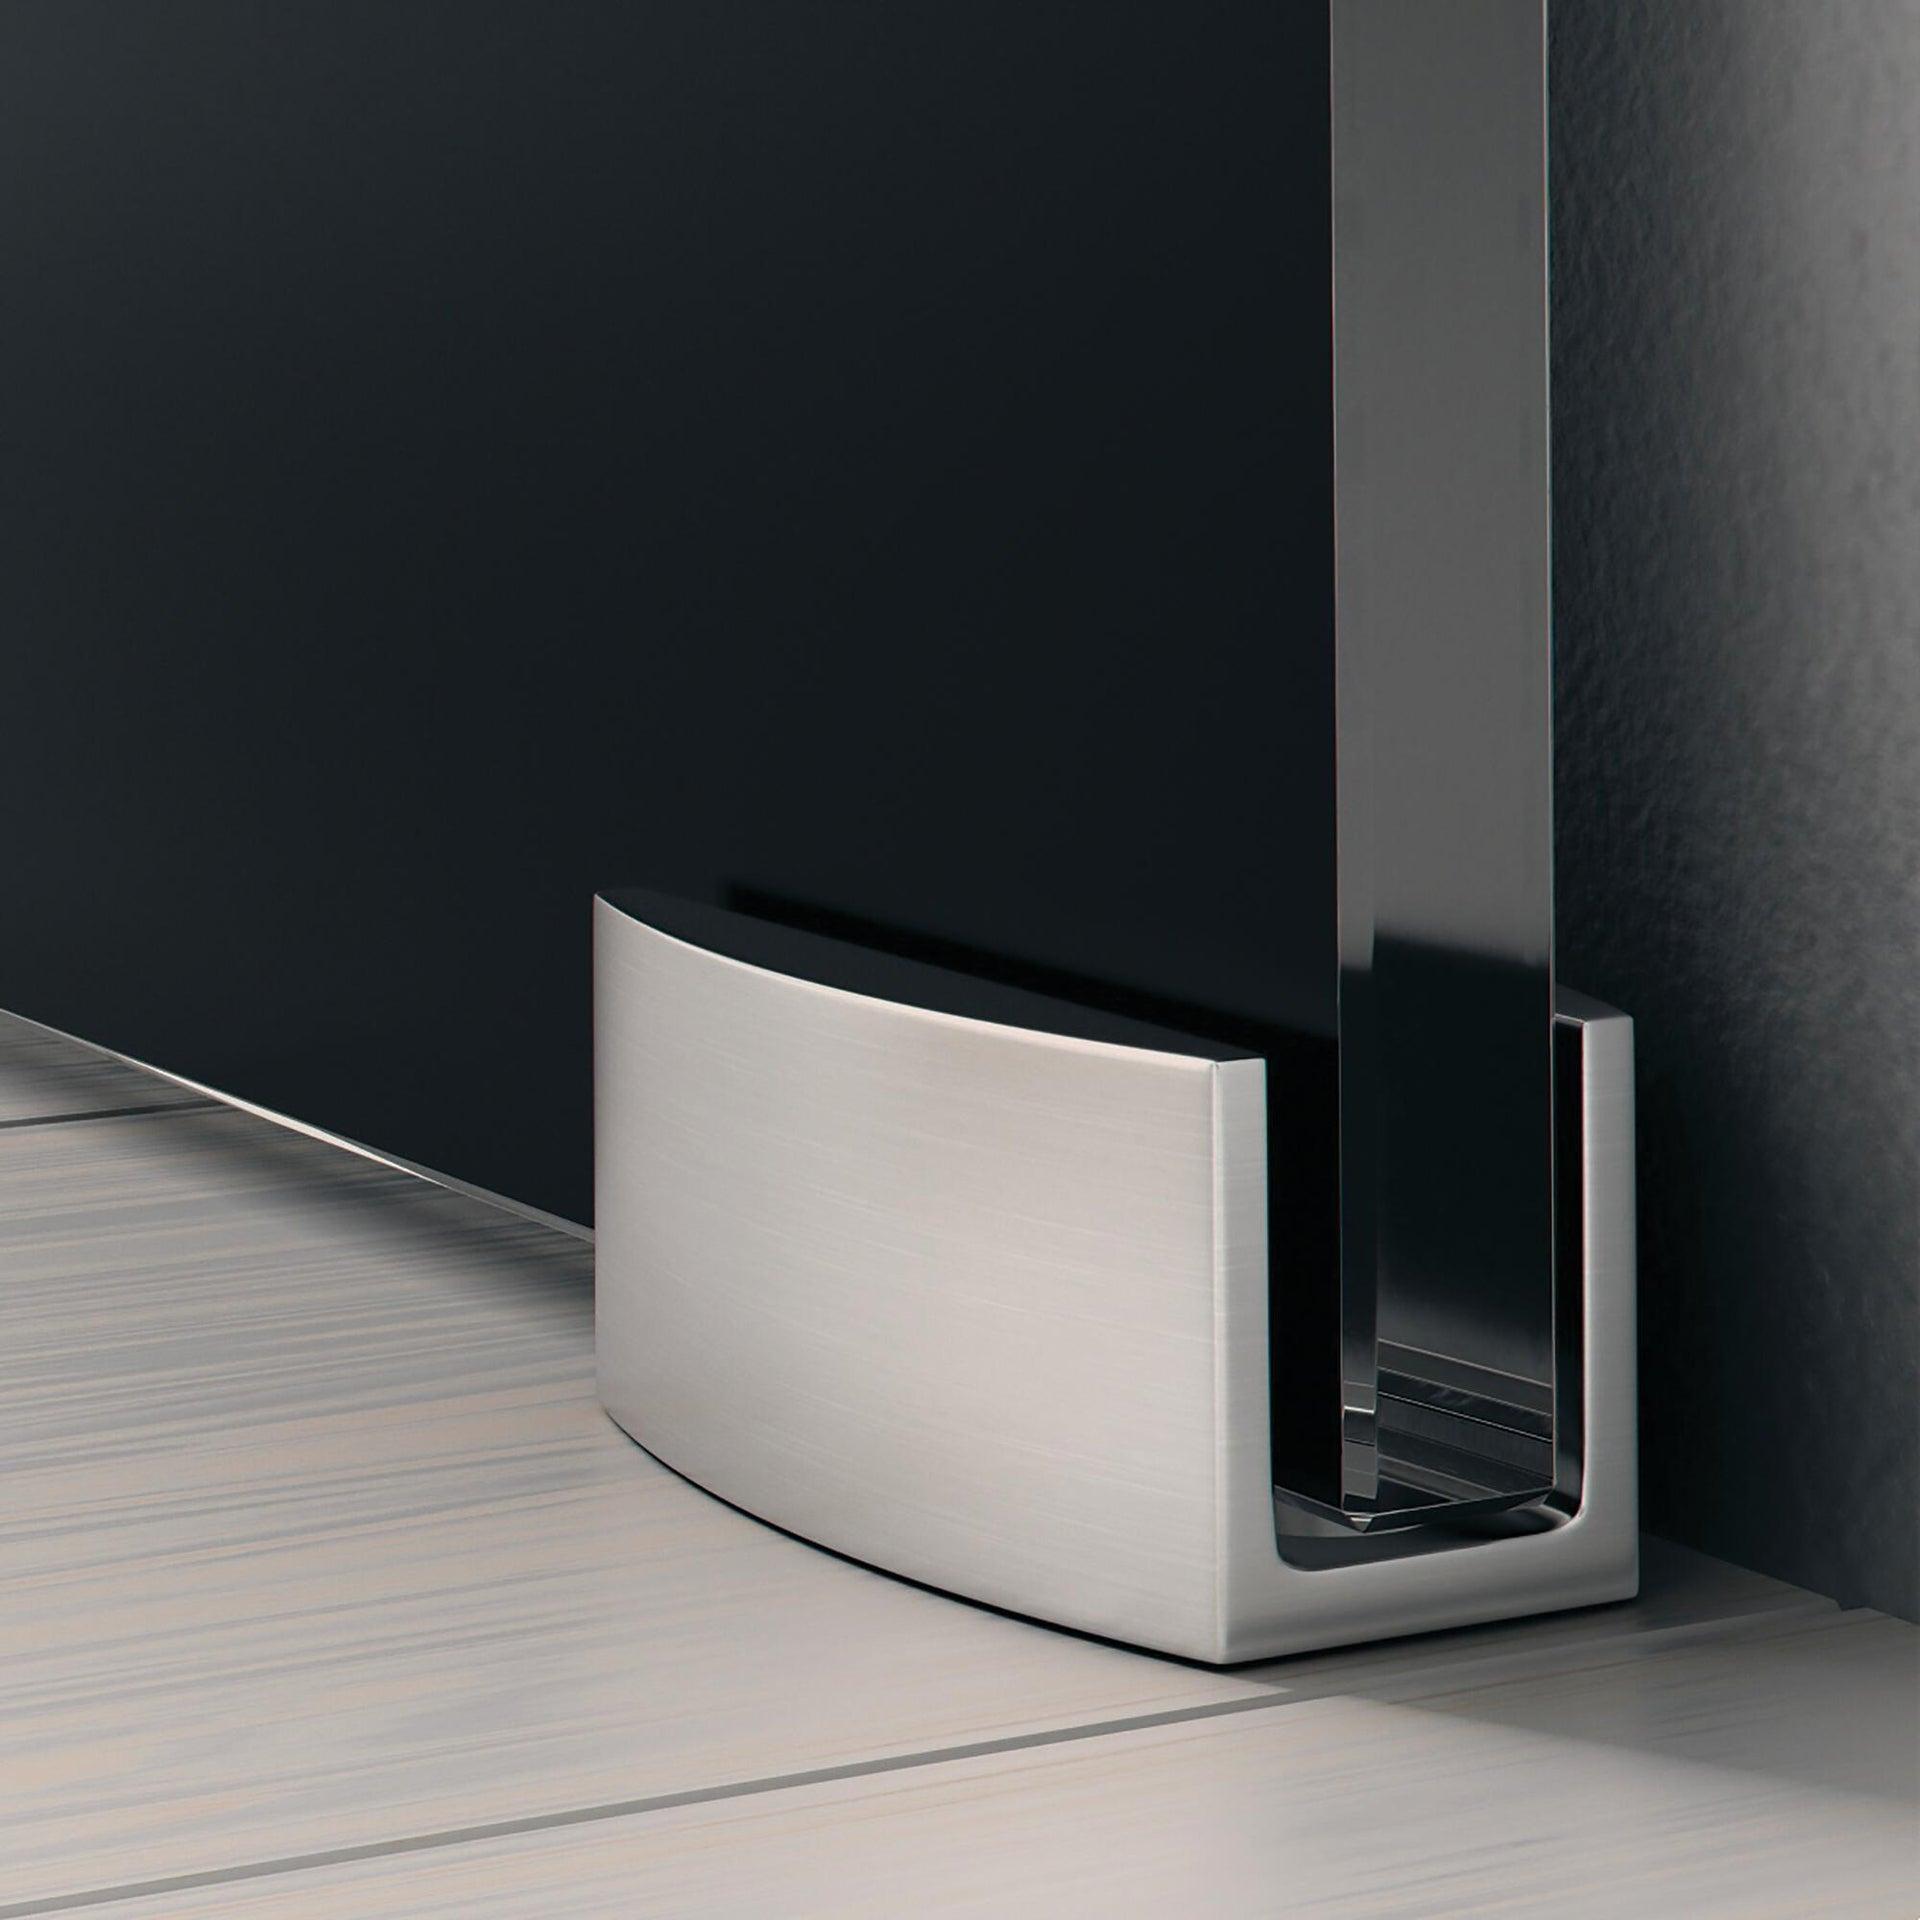 Binario per porta scorrevole Lux grigio L 2 m - 4